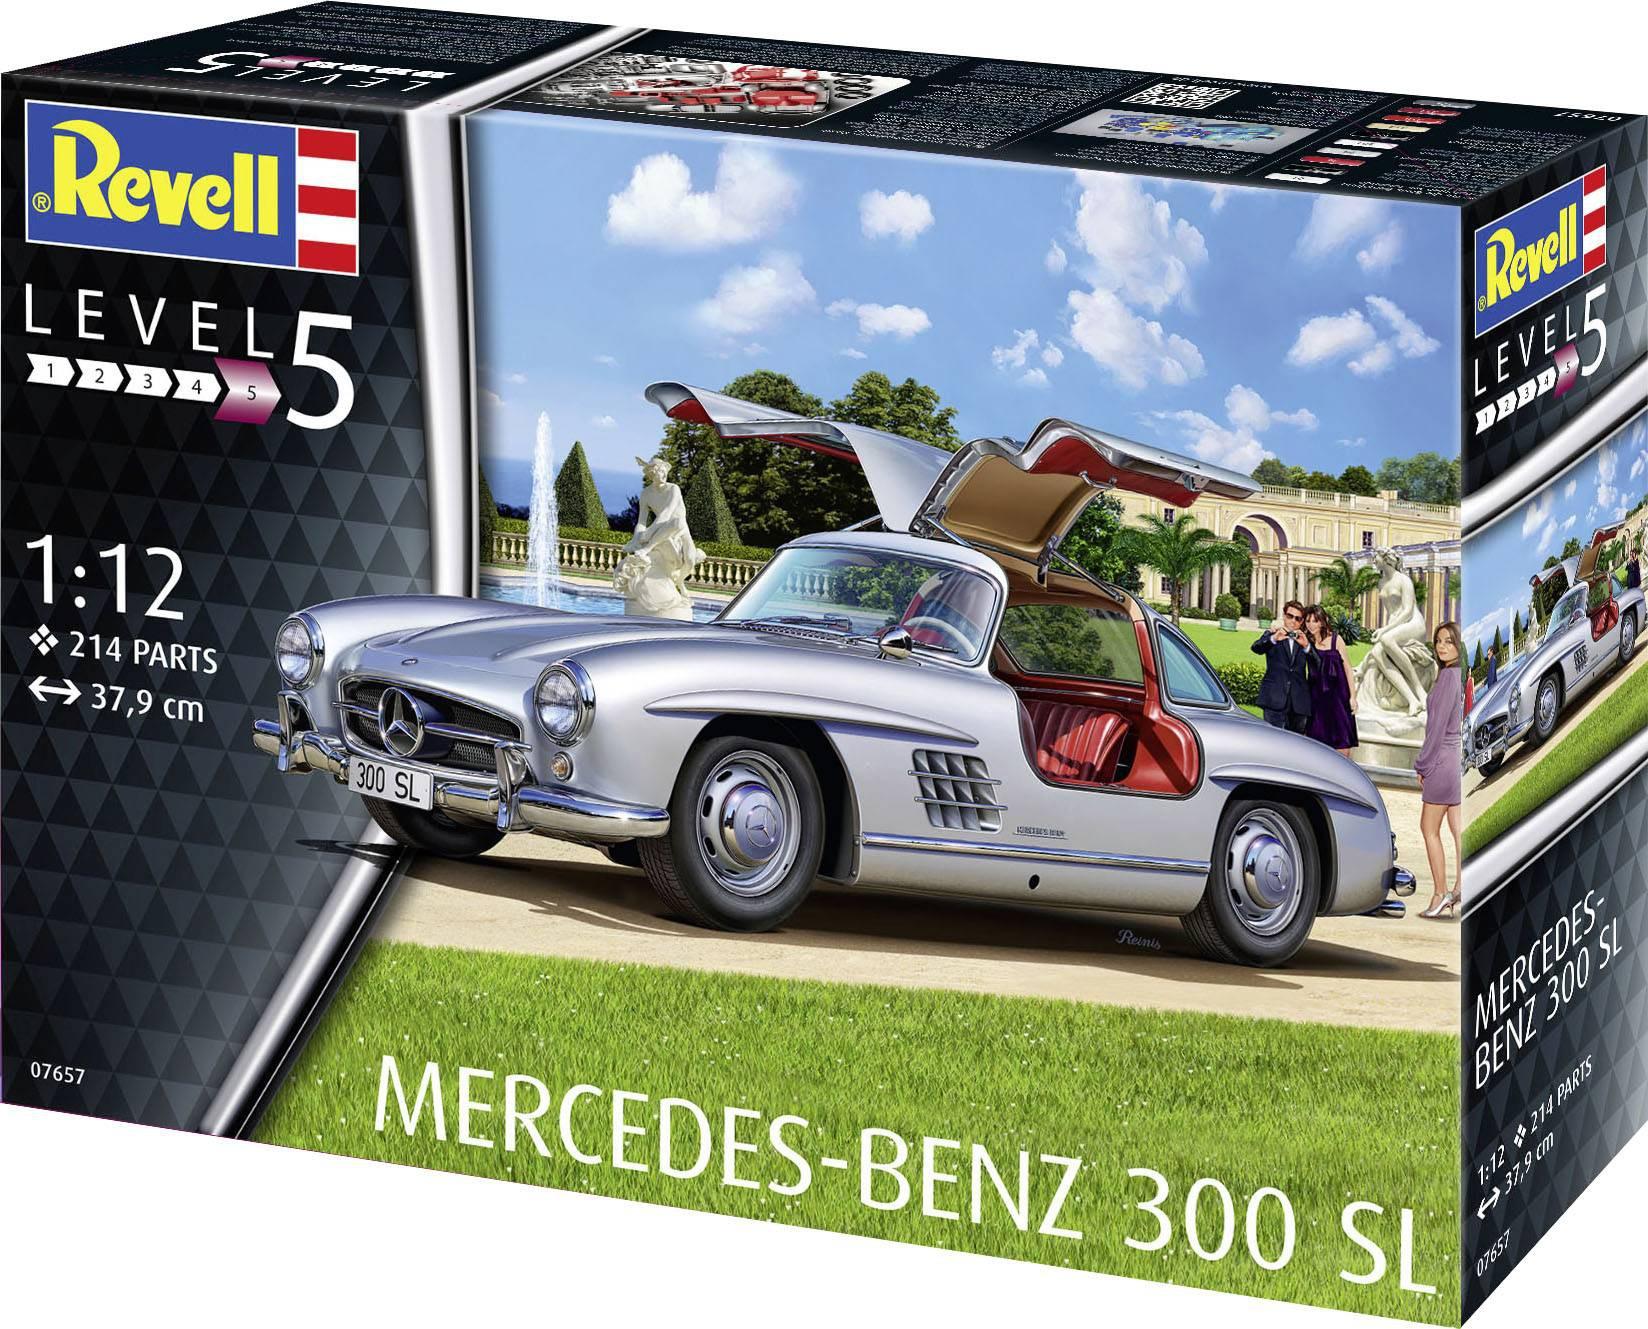 Mercedes-Benz 300 SL - 1:12